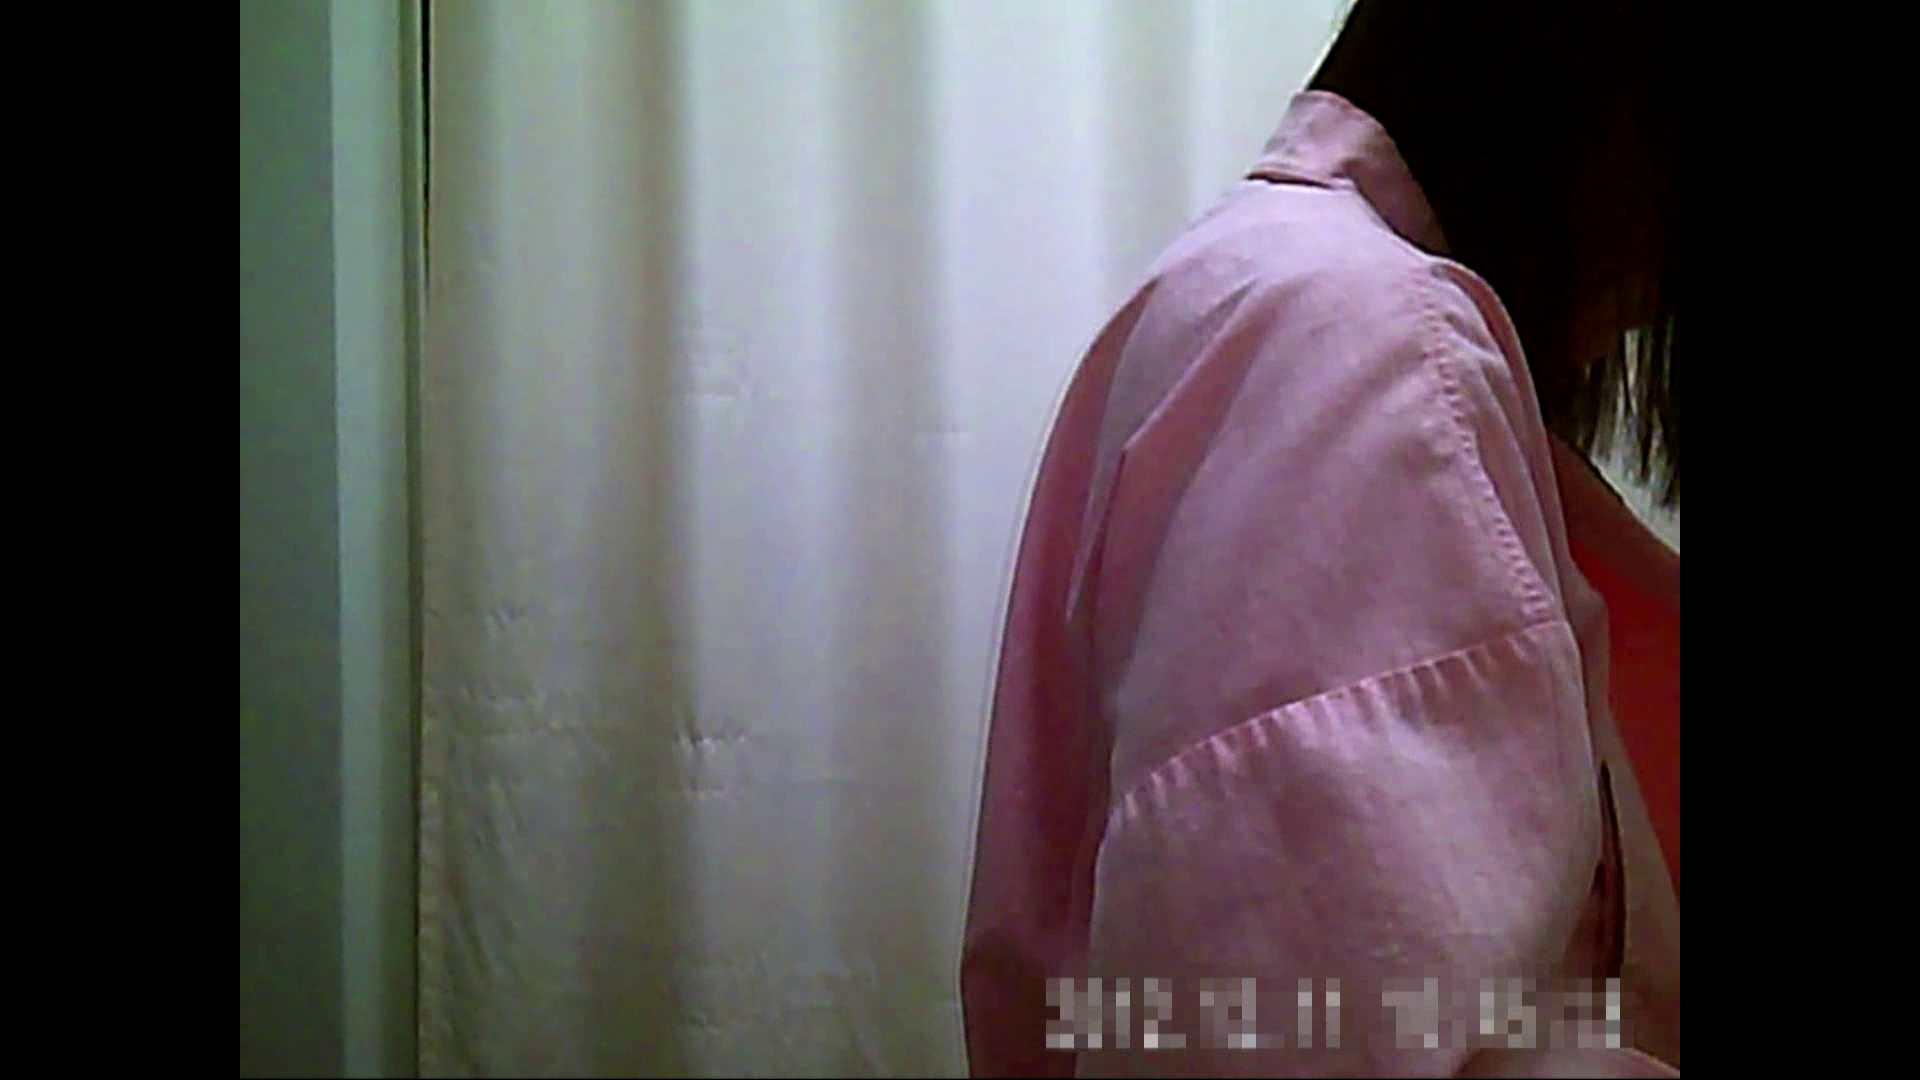 無料アダルト動画:元医者による反抗 更衣室地獄絵巻 vol.122:怪盗ジョーカー